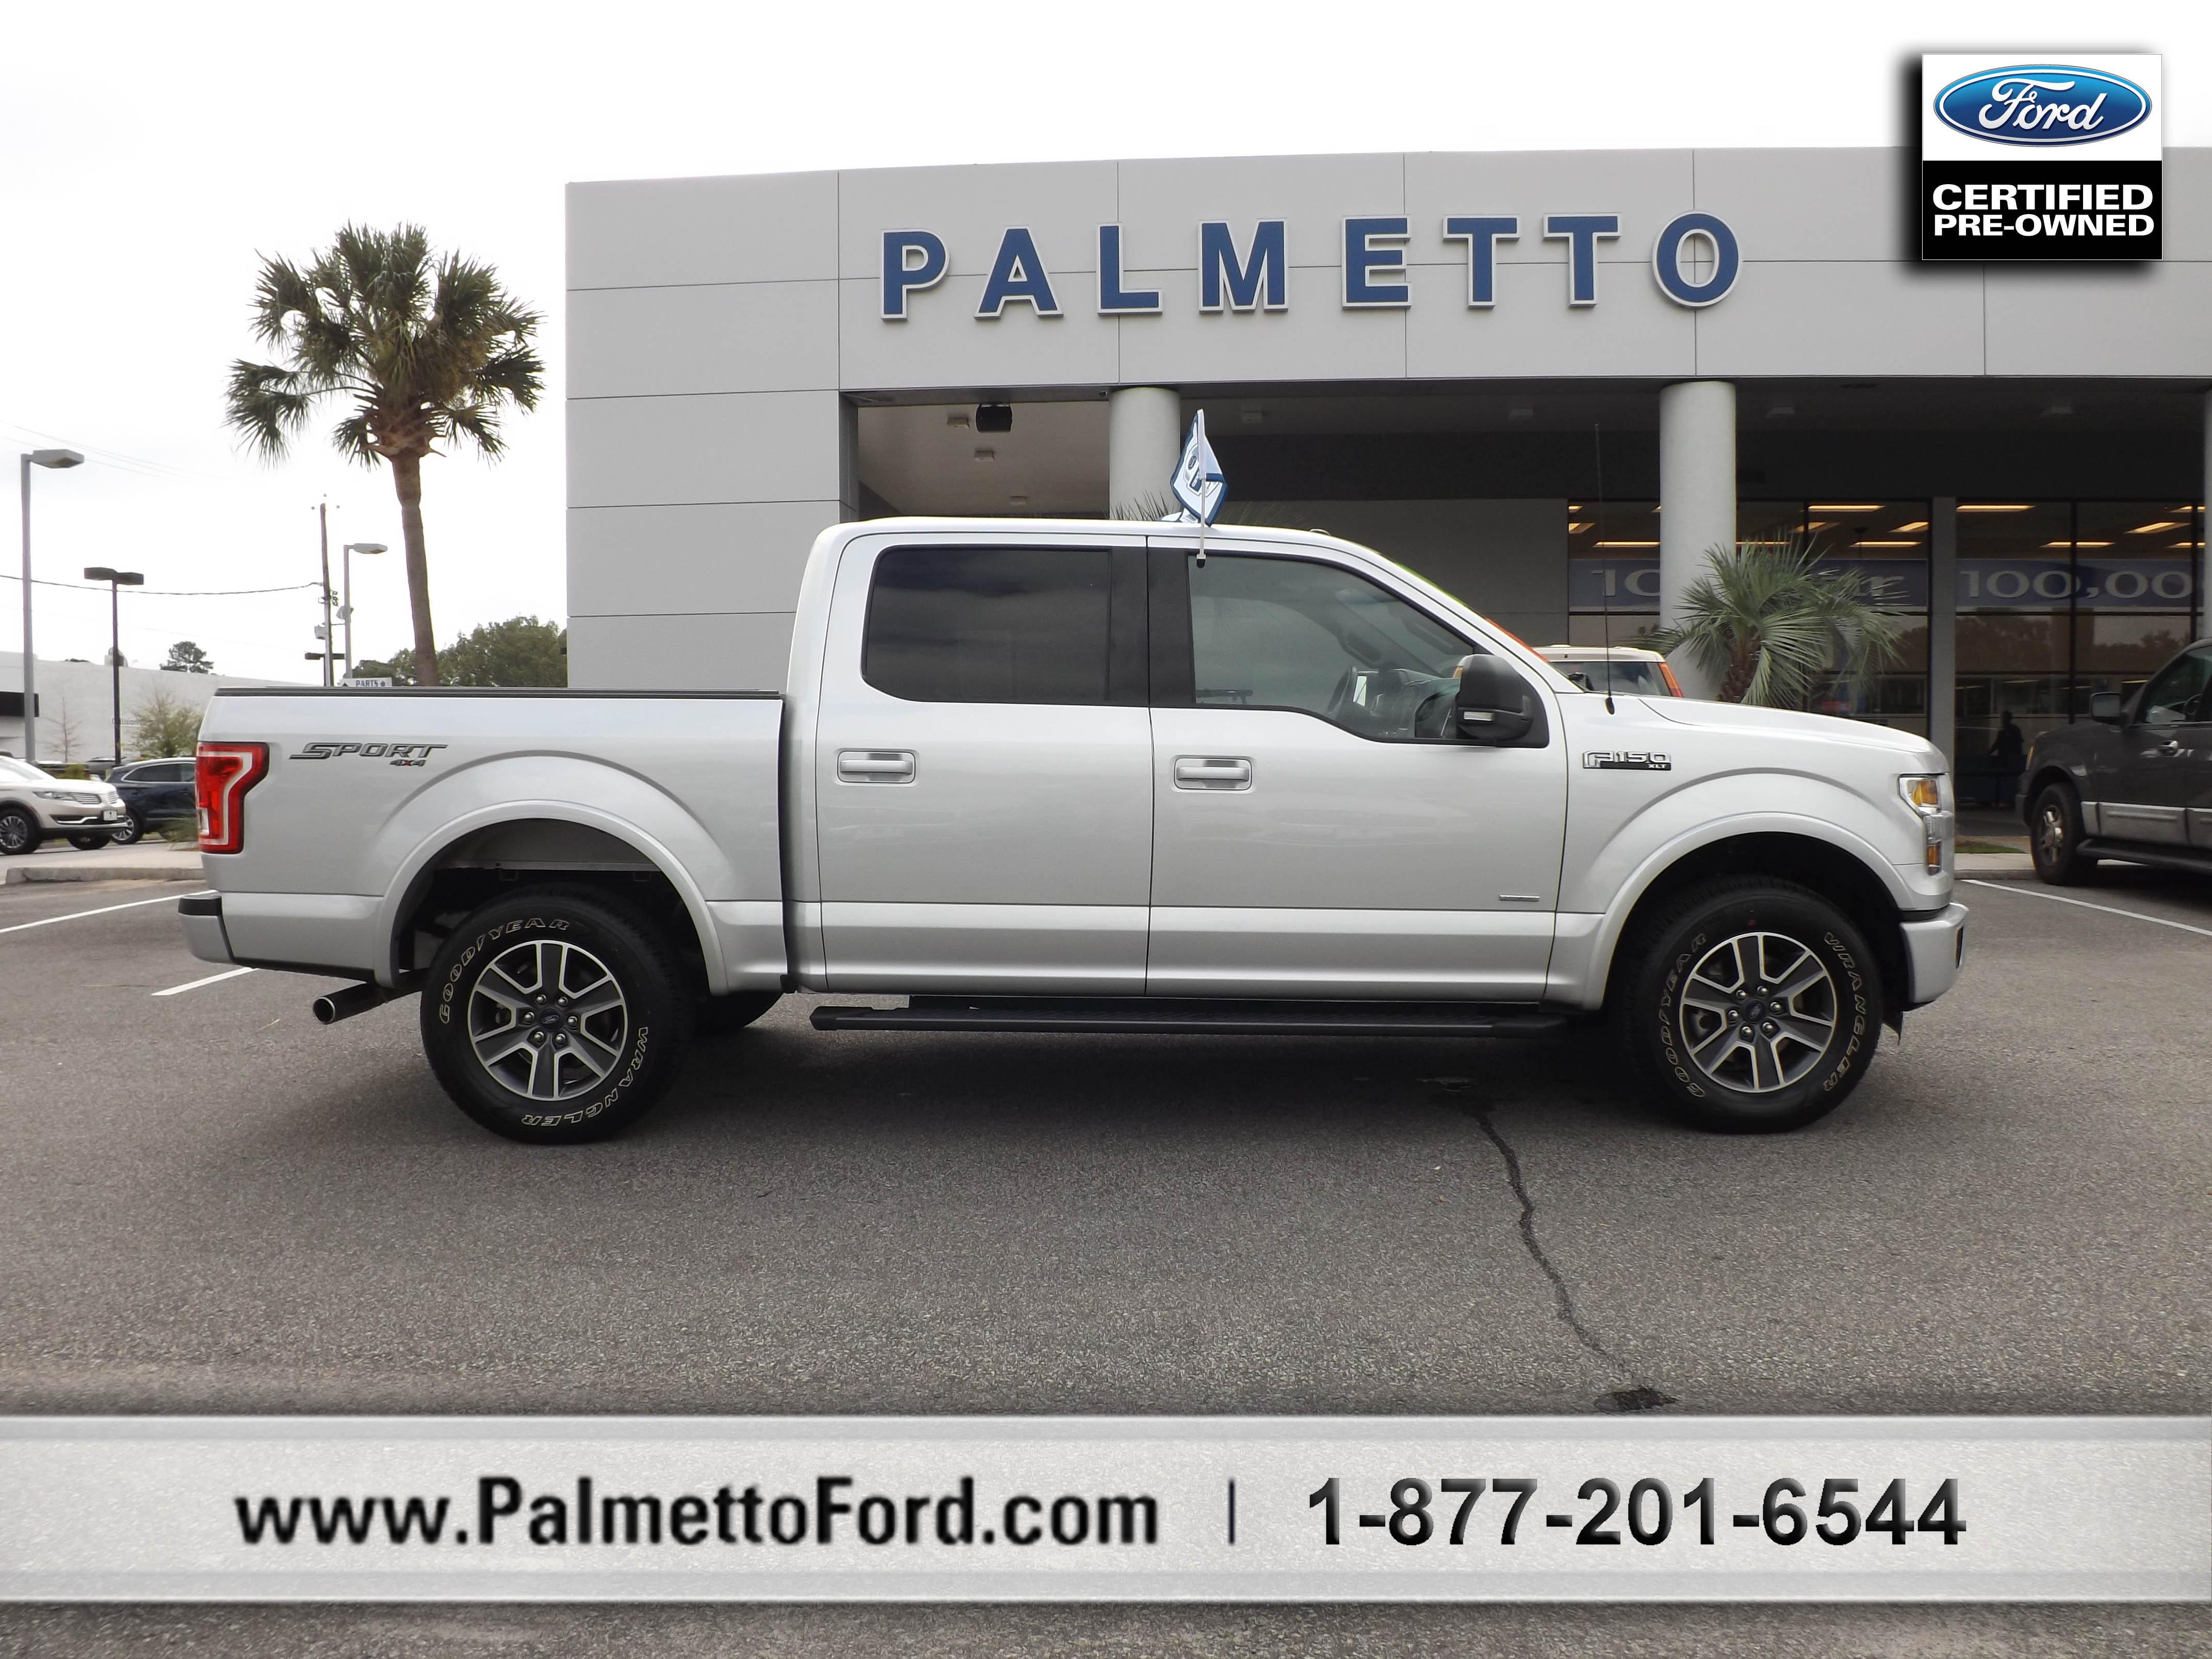 Palmetto Ford